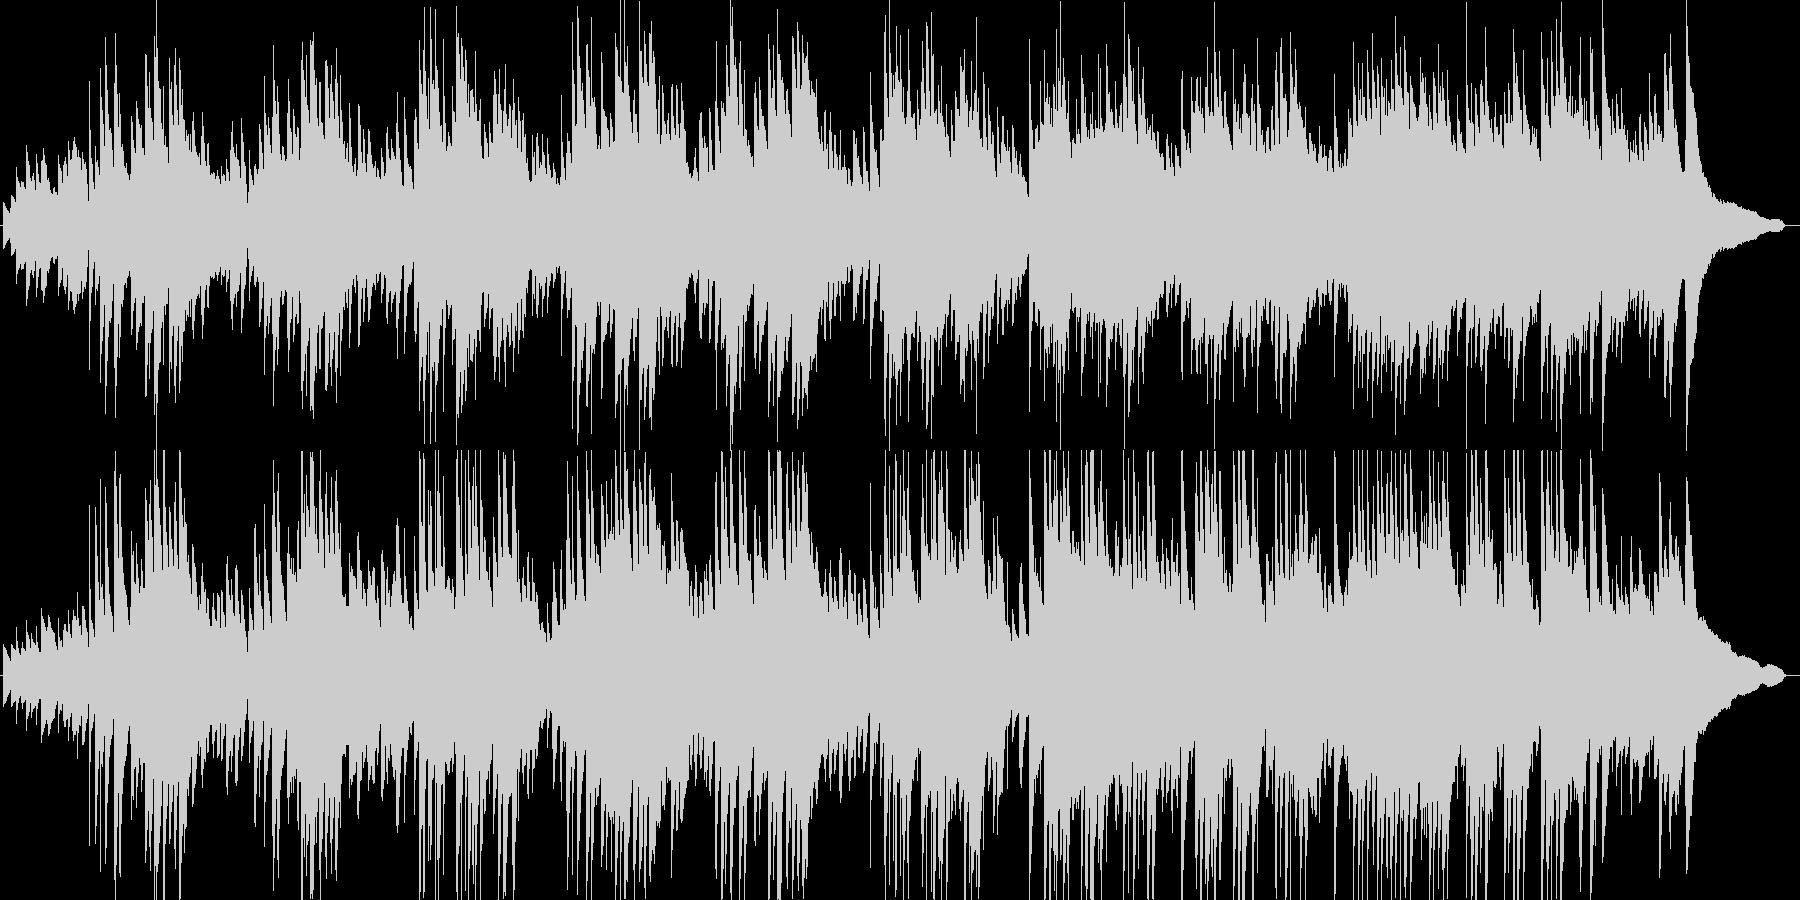 ピアノインスト。静かな海のイメージですの未再生の波形